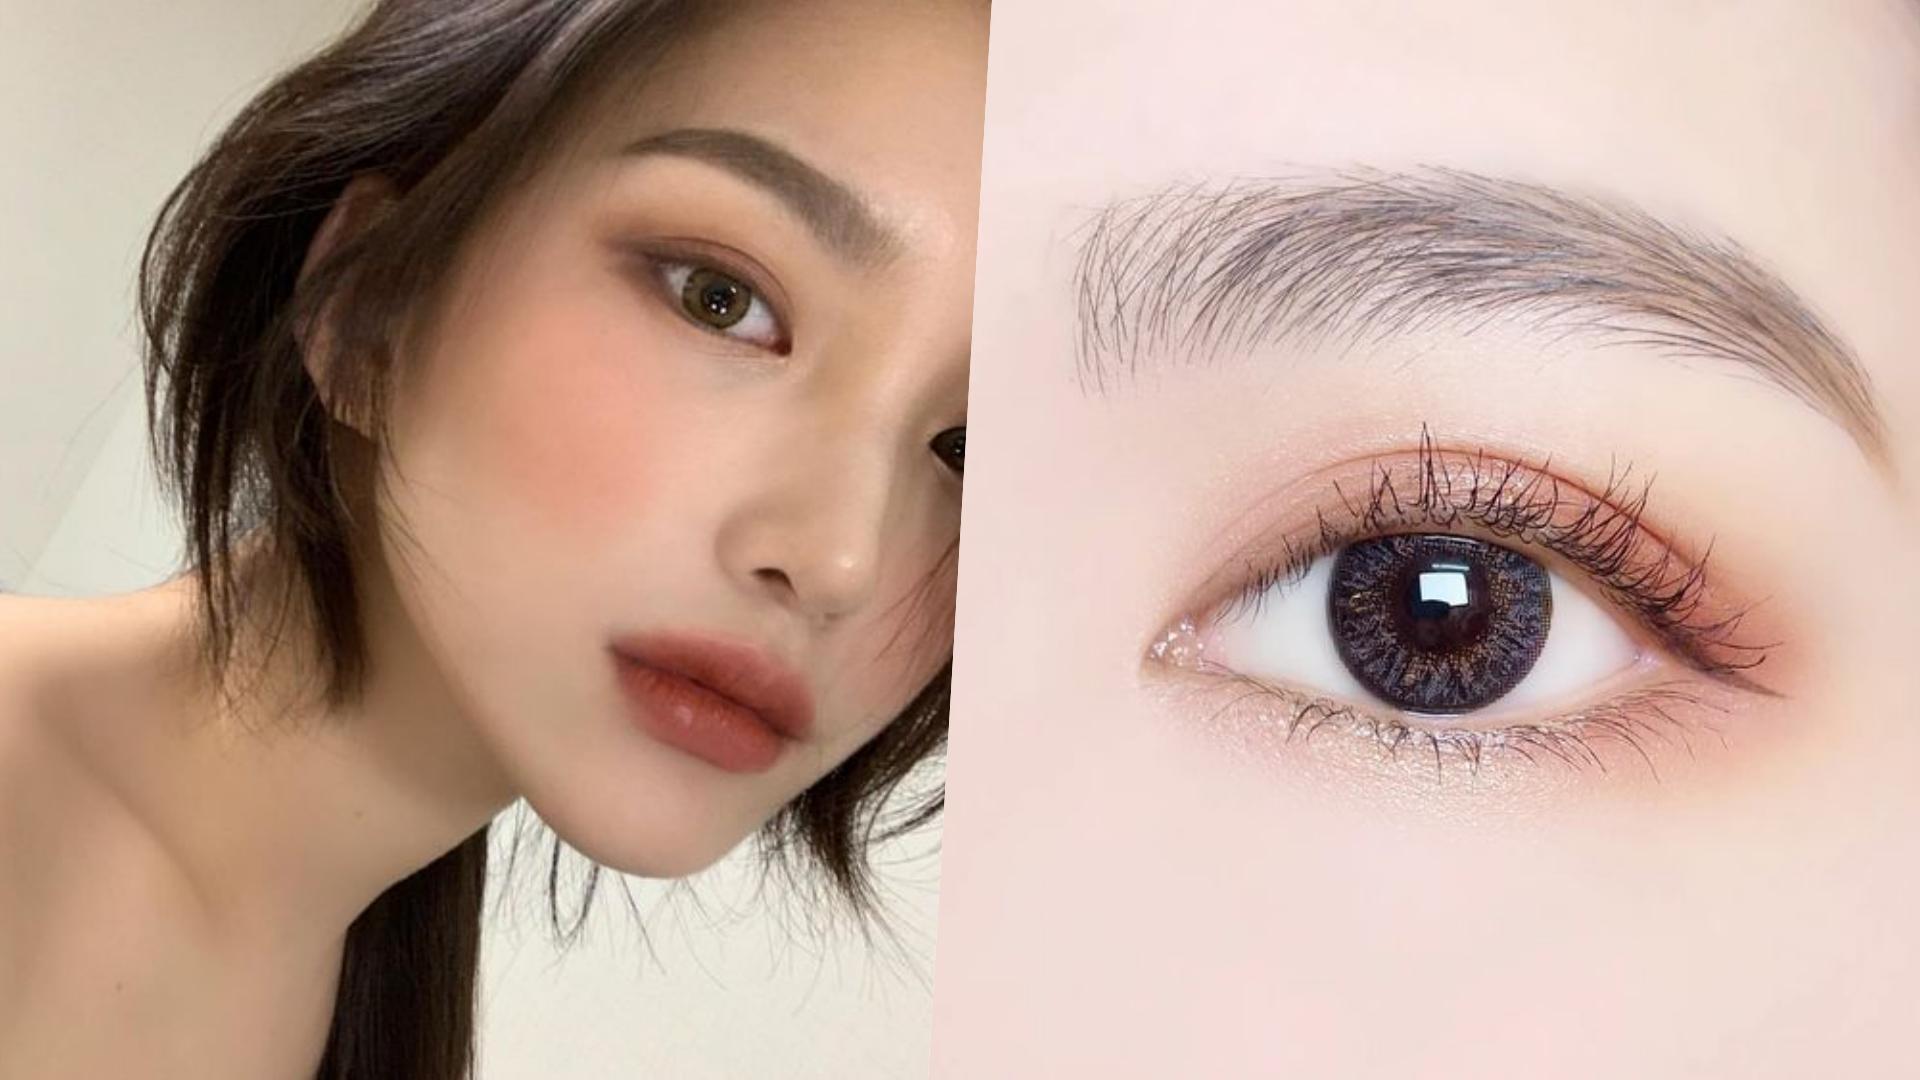 只要一兩色的眼影,其實就能創造眼神的深邃感!